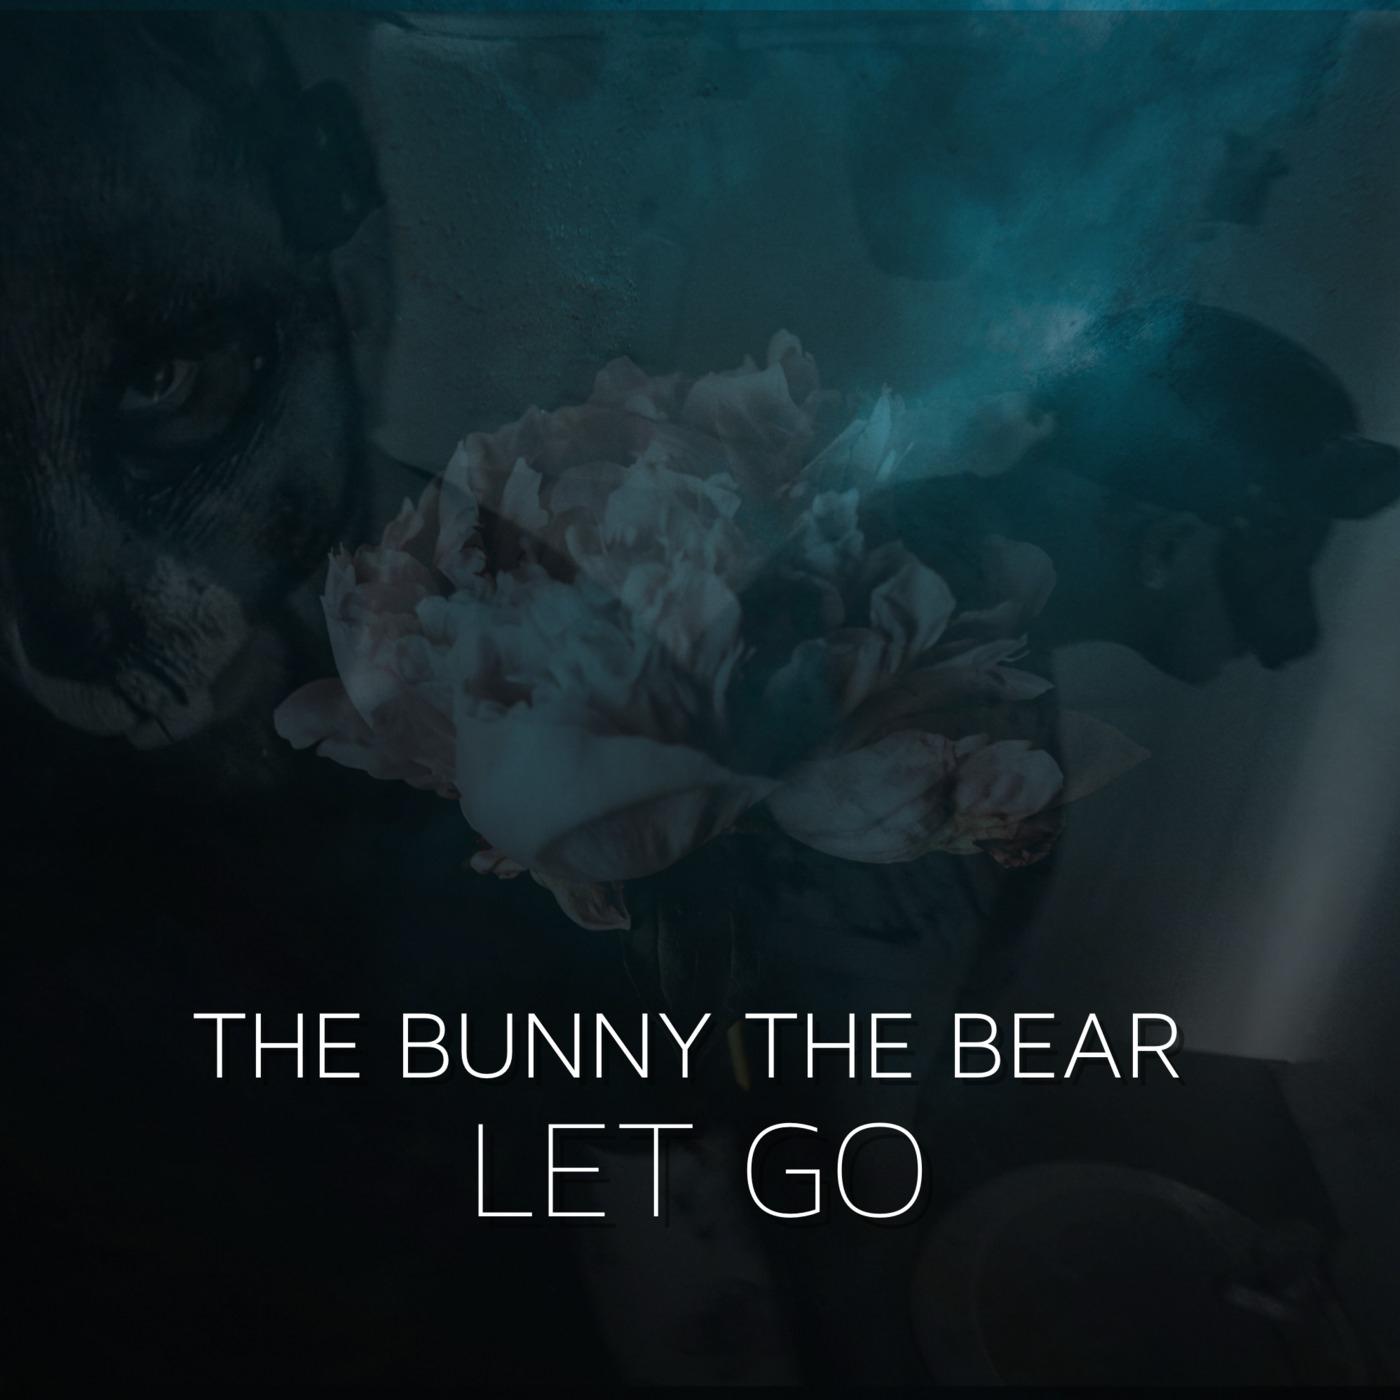 The Bunny The Bear - Let Go [single] (2018)